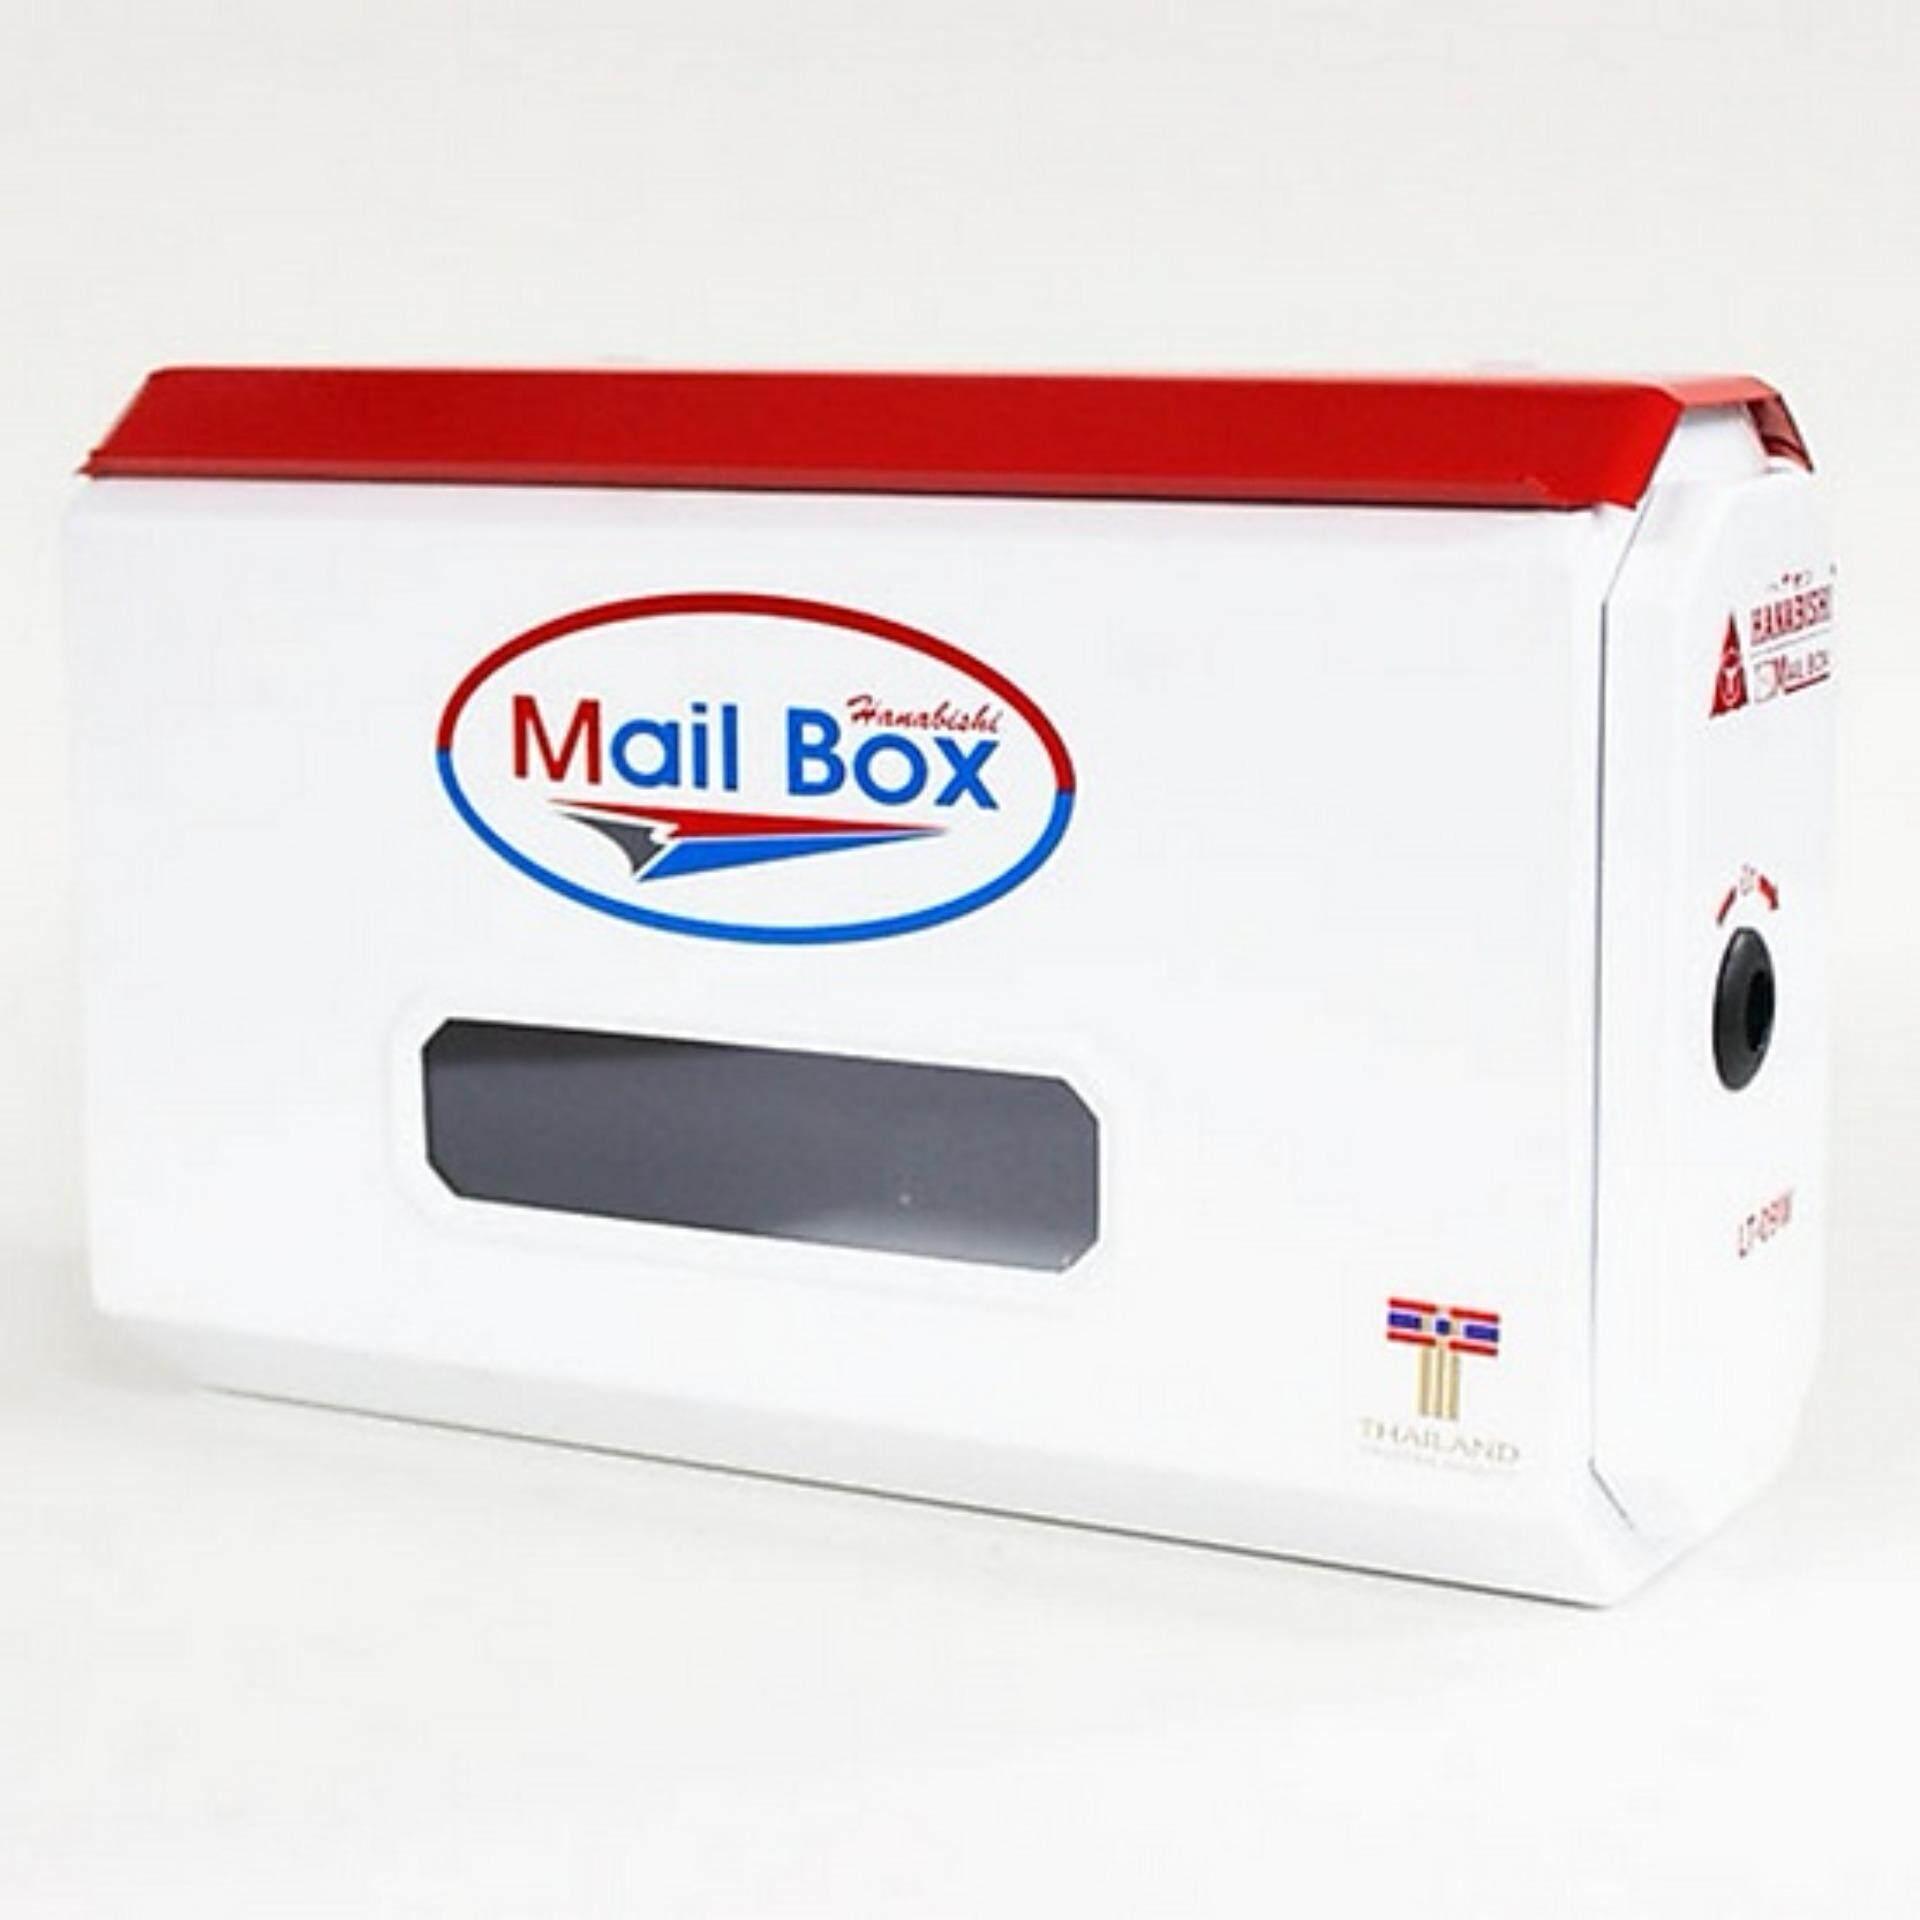 กล่องไปรษณีย์ ตู้ไปรษณีย์ กล่องจดหมาย กล่องรับจดหมาย ตู้รับจดหมาย ตู้ใส่จดหมาย mail box mailtank รุ่น LT-09W สีขาว แบบล็อคได้